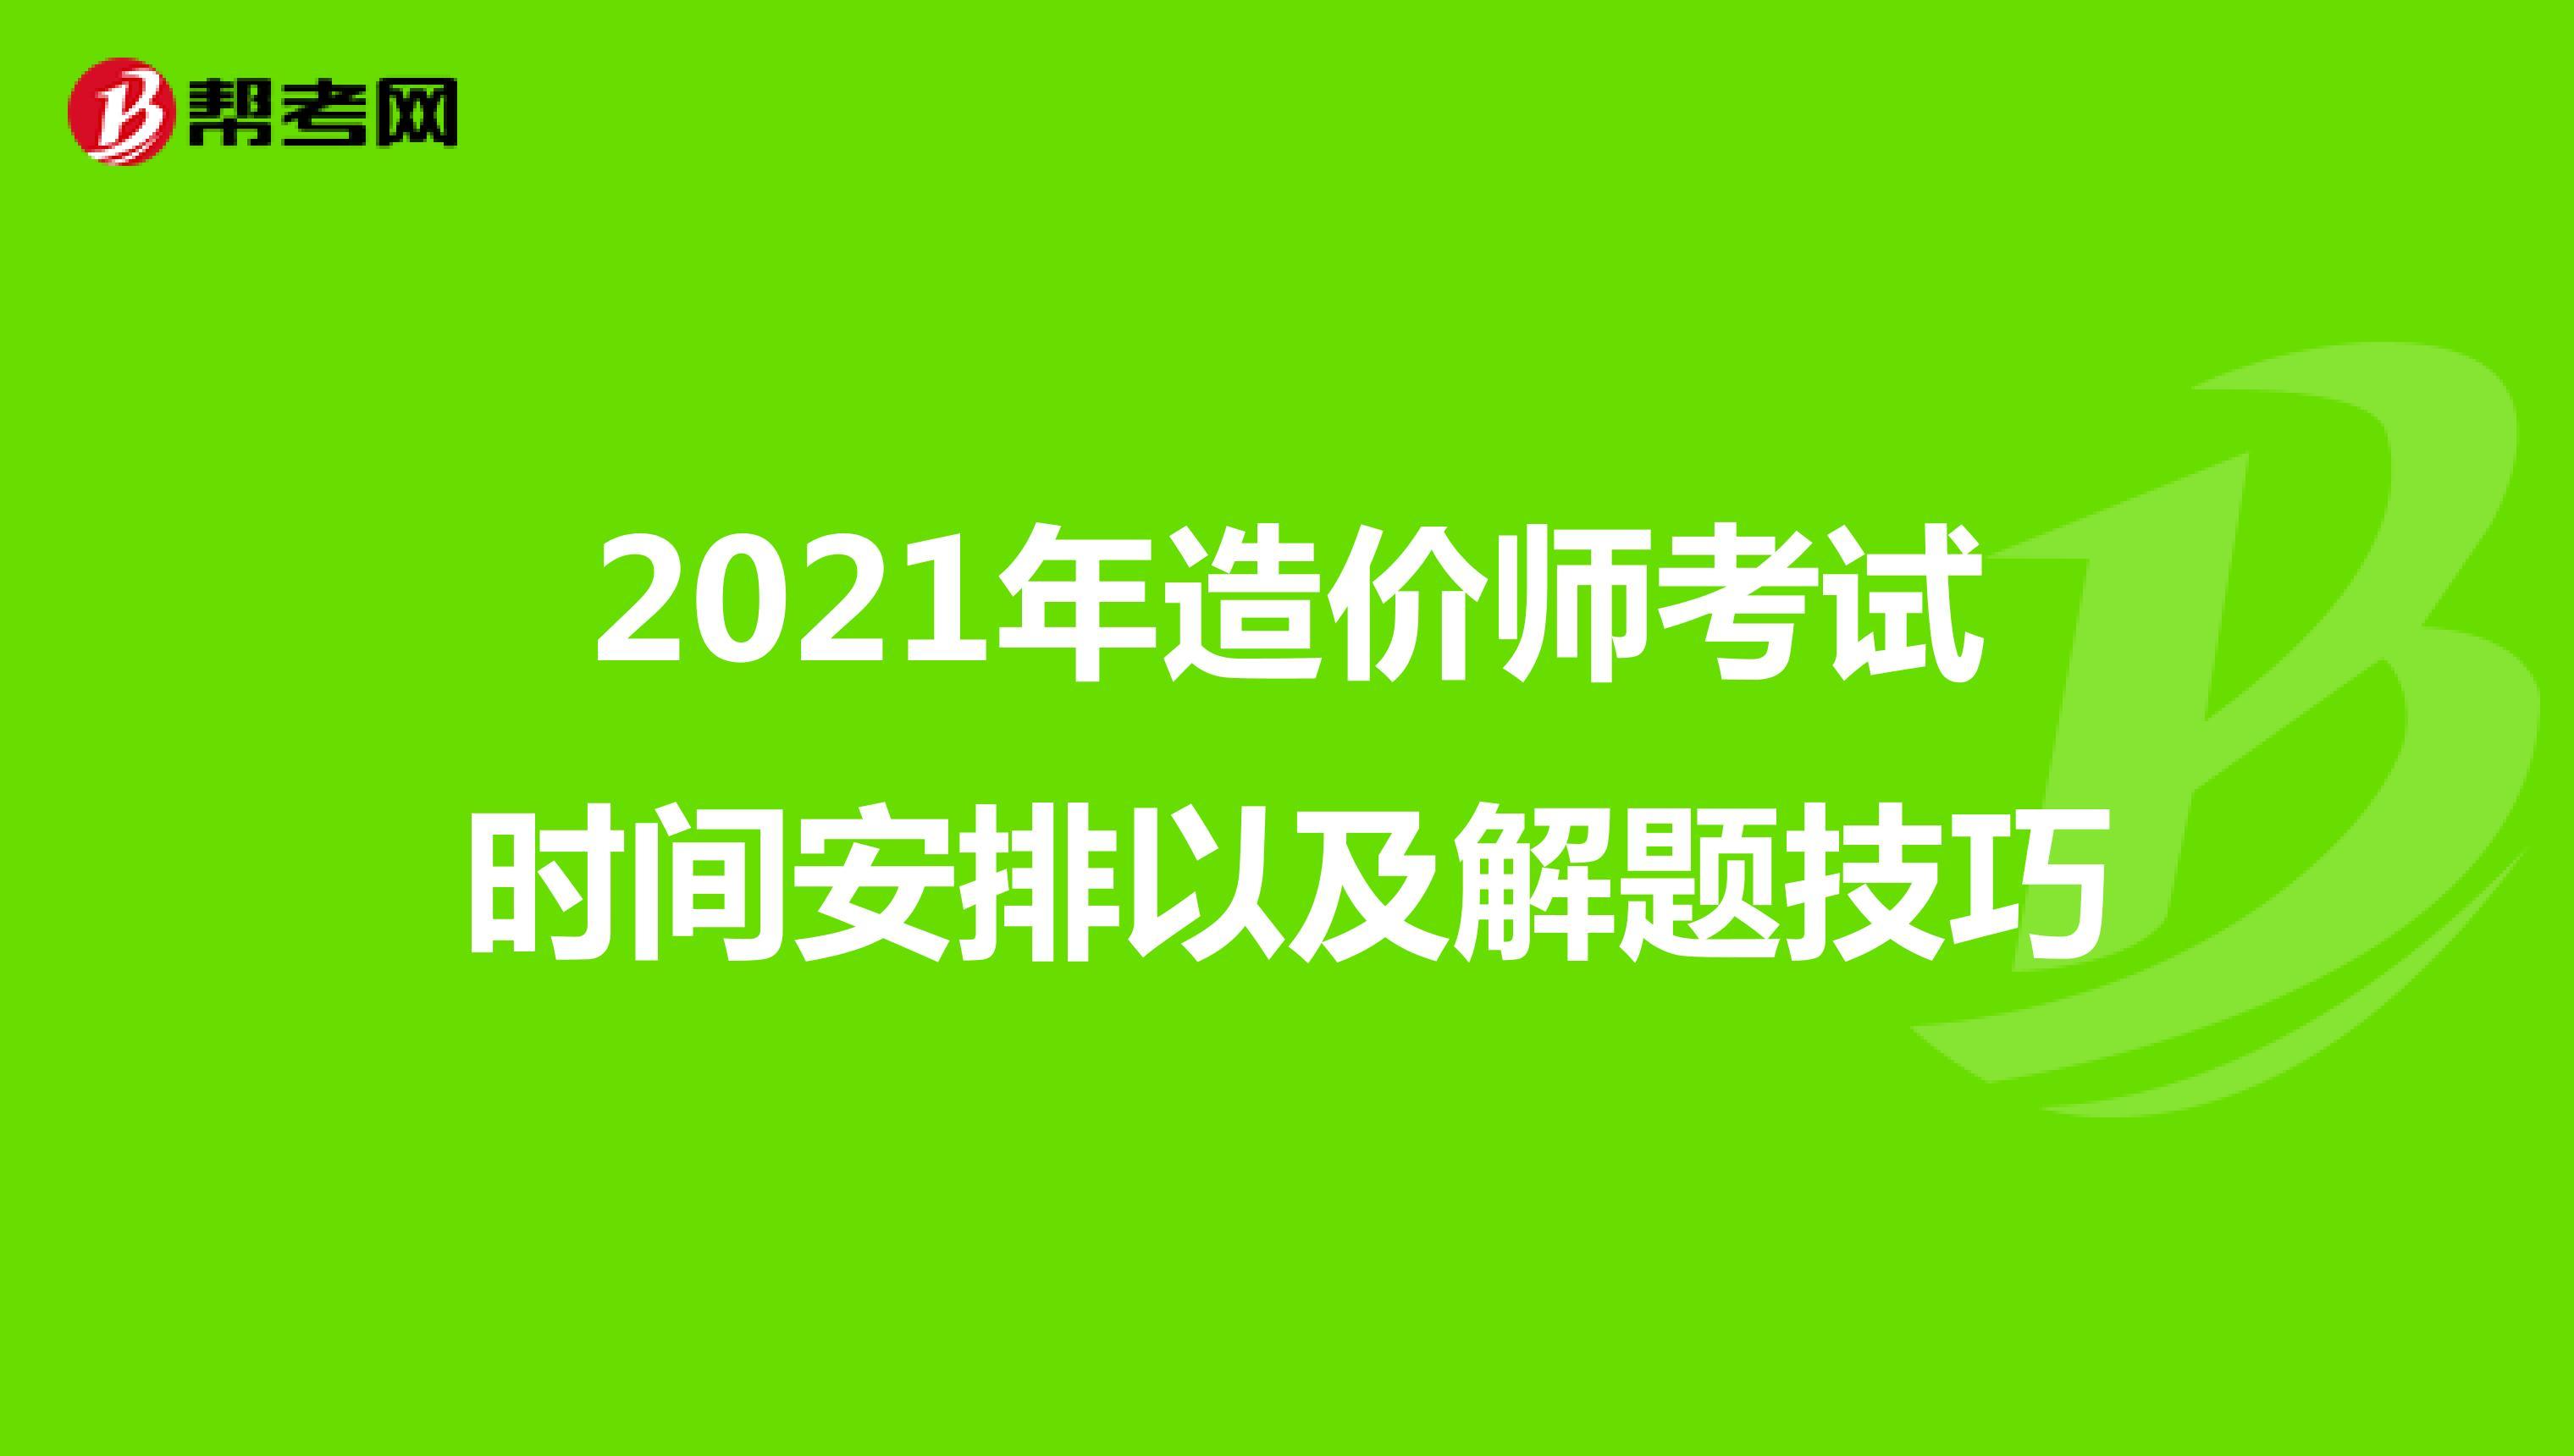 2021年造价师考试时间安排以及解题技巧